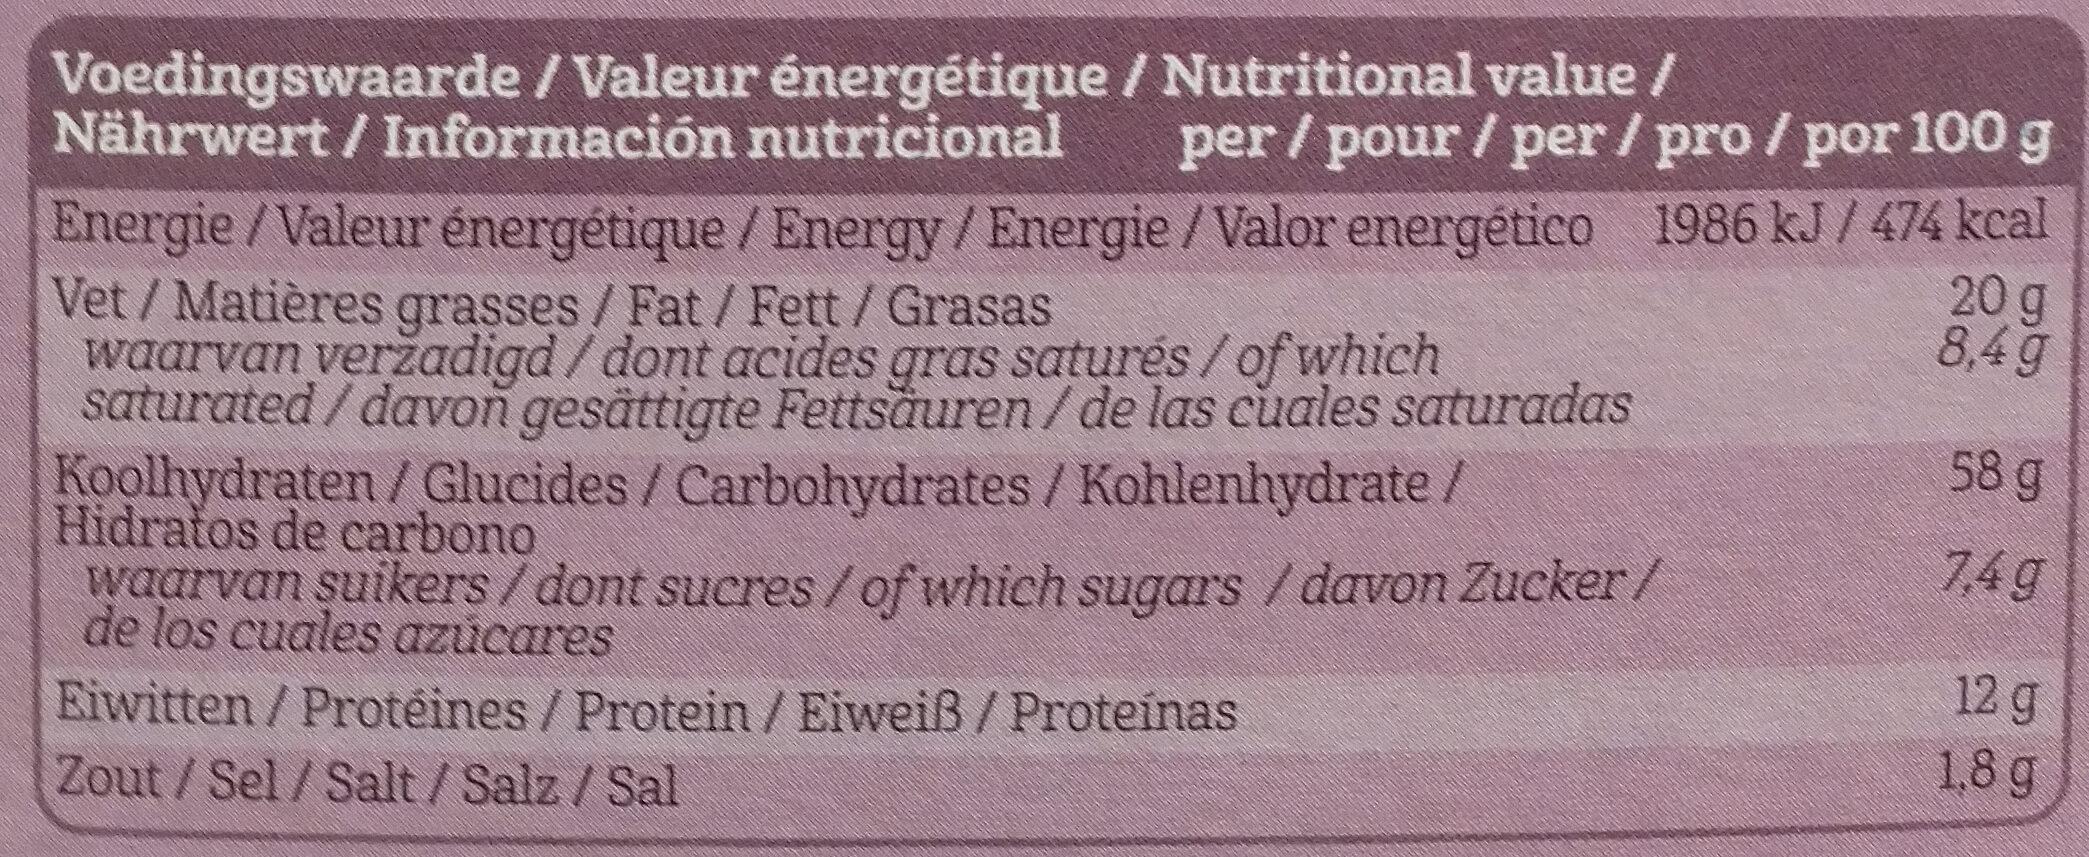 Flatbread vijgen en zaden - Informations nutritionnelles - nl